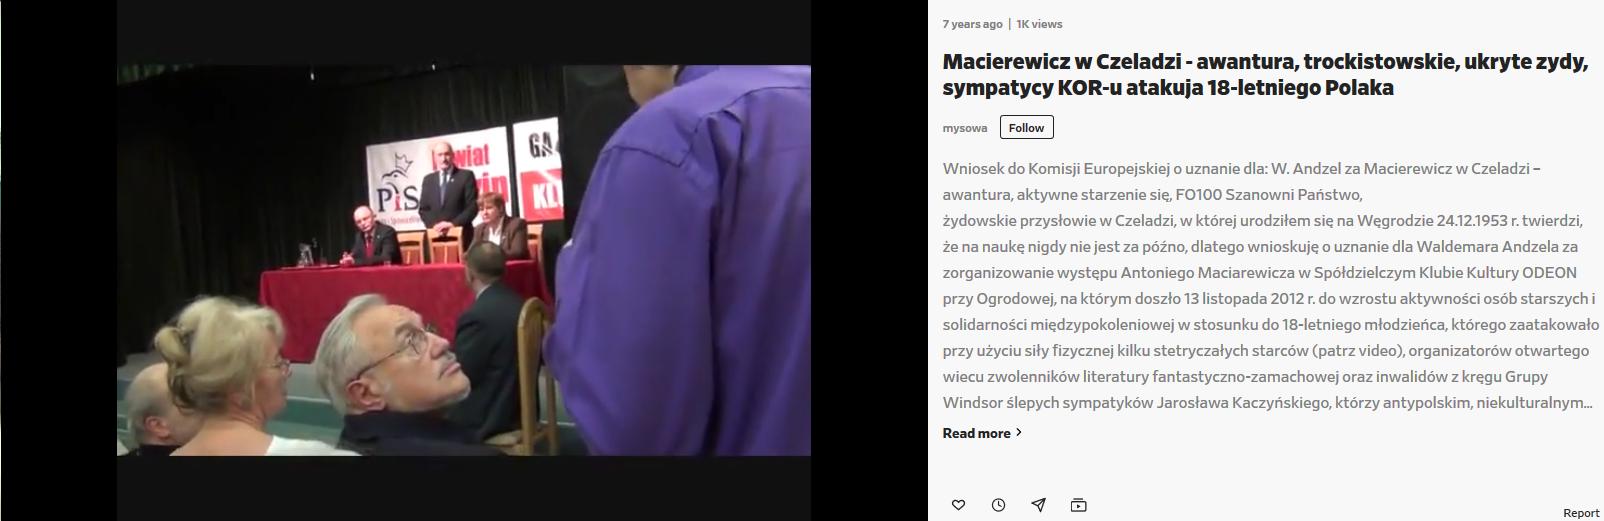 Screenshot_2020-04-03 Macierewicz w Czeladzi - awantura, trockistowskie, ukryte zydy, sympatycy KOR-u atakuja 18-letniego P[...]